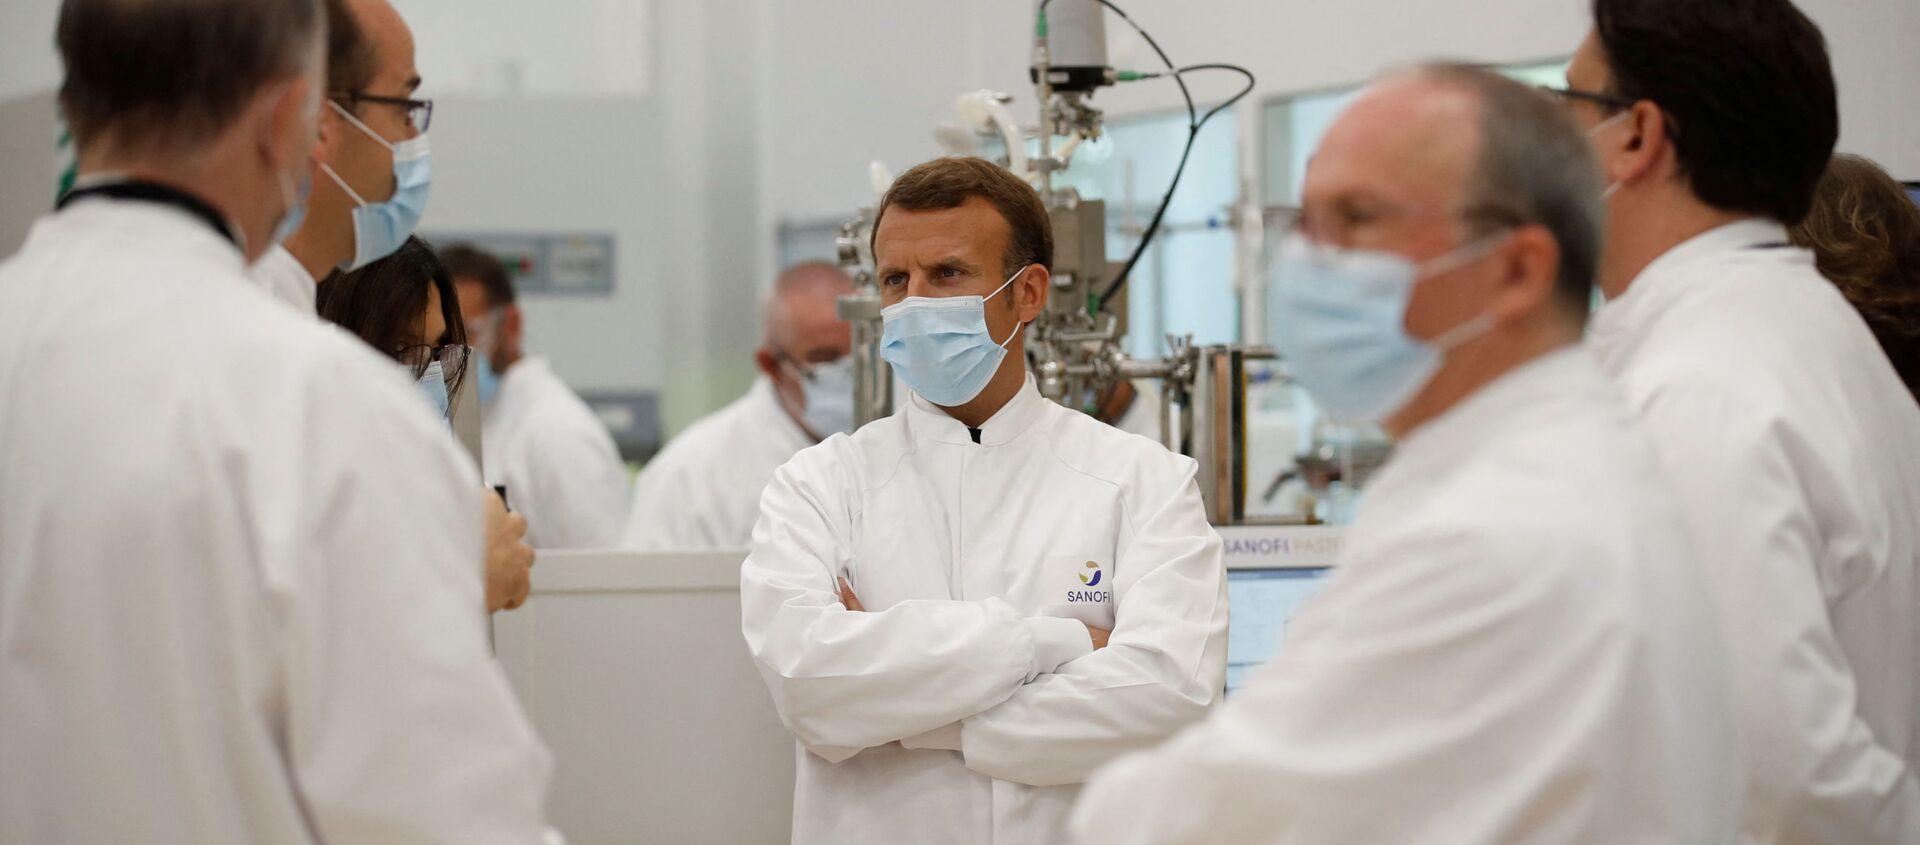 Le Président de la République française Emmanuel Macron visite un laboratoire Sanofi à Marcy-l'Etoile, près de Lyon, juin 2020 - Sputnik France, 1920, 29.07.2021